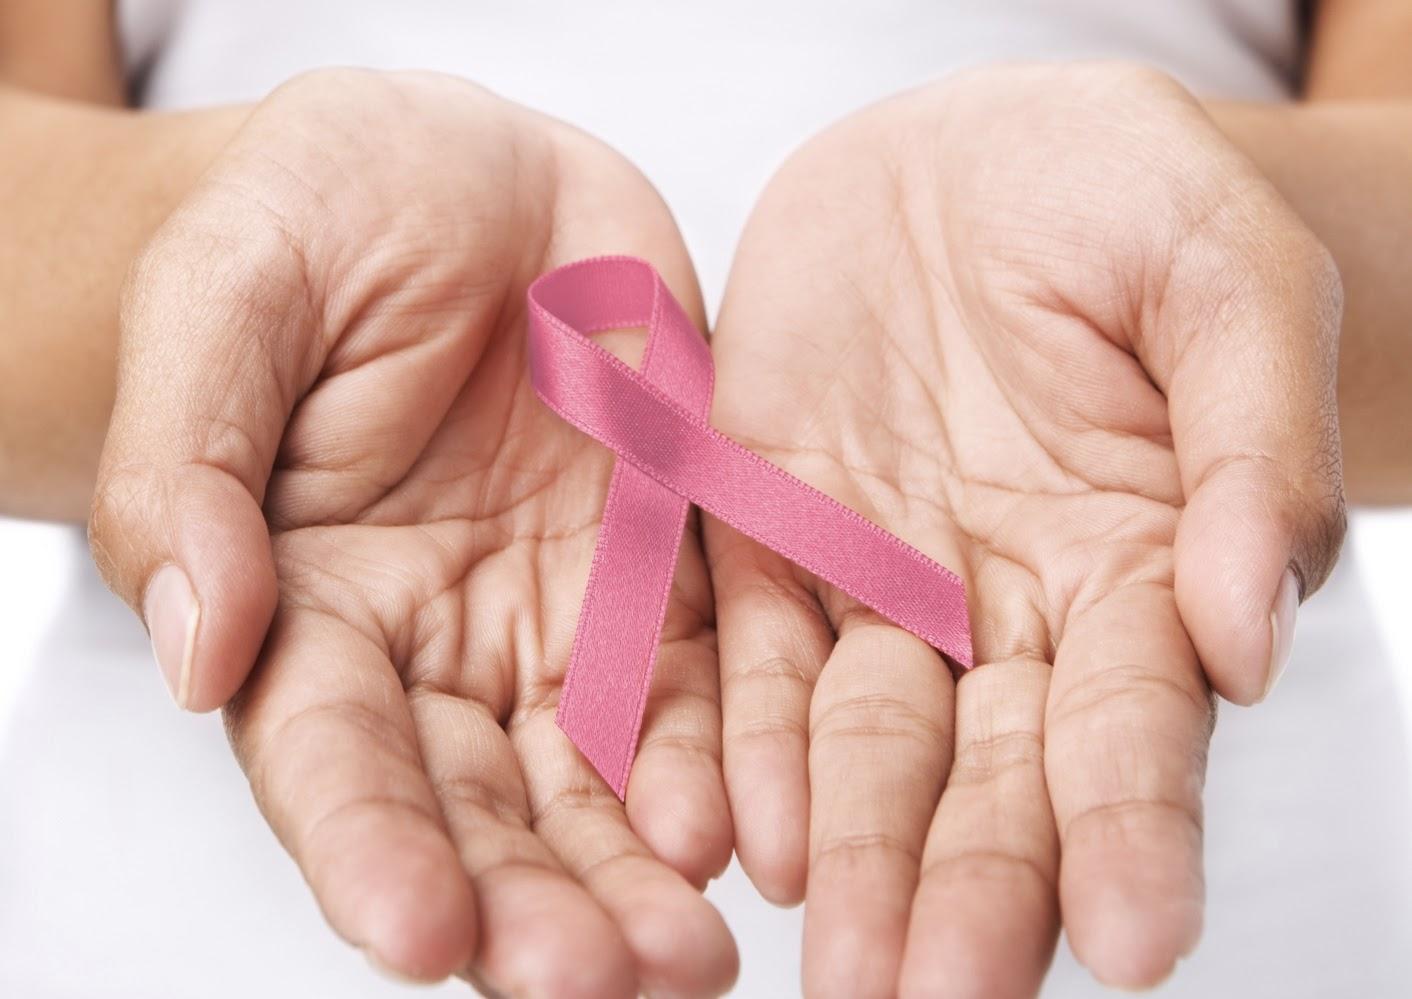 Faltan equipo y médicos para reducir cáncer de mama, alerta especialista